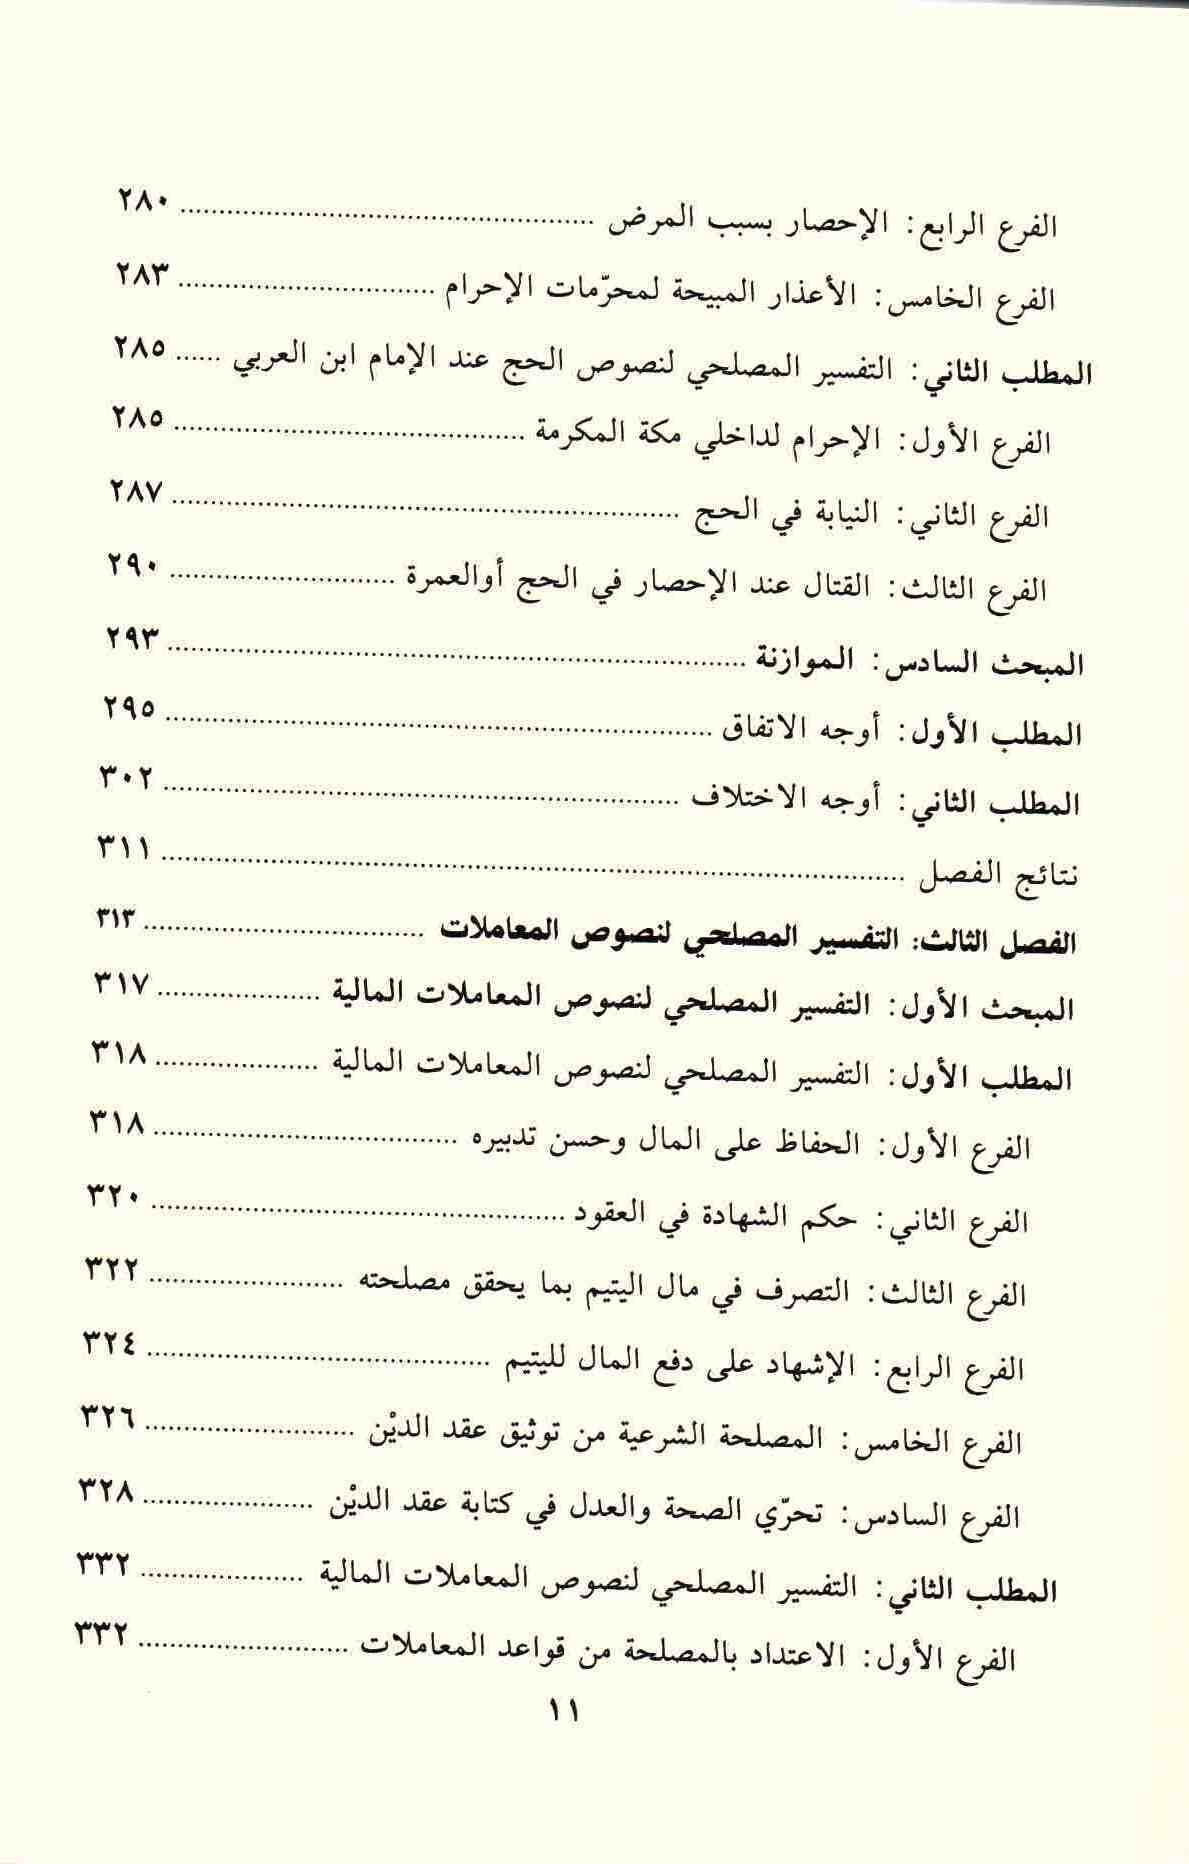 ص11محتويات كتاب التفسير المصلحي